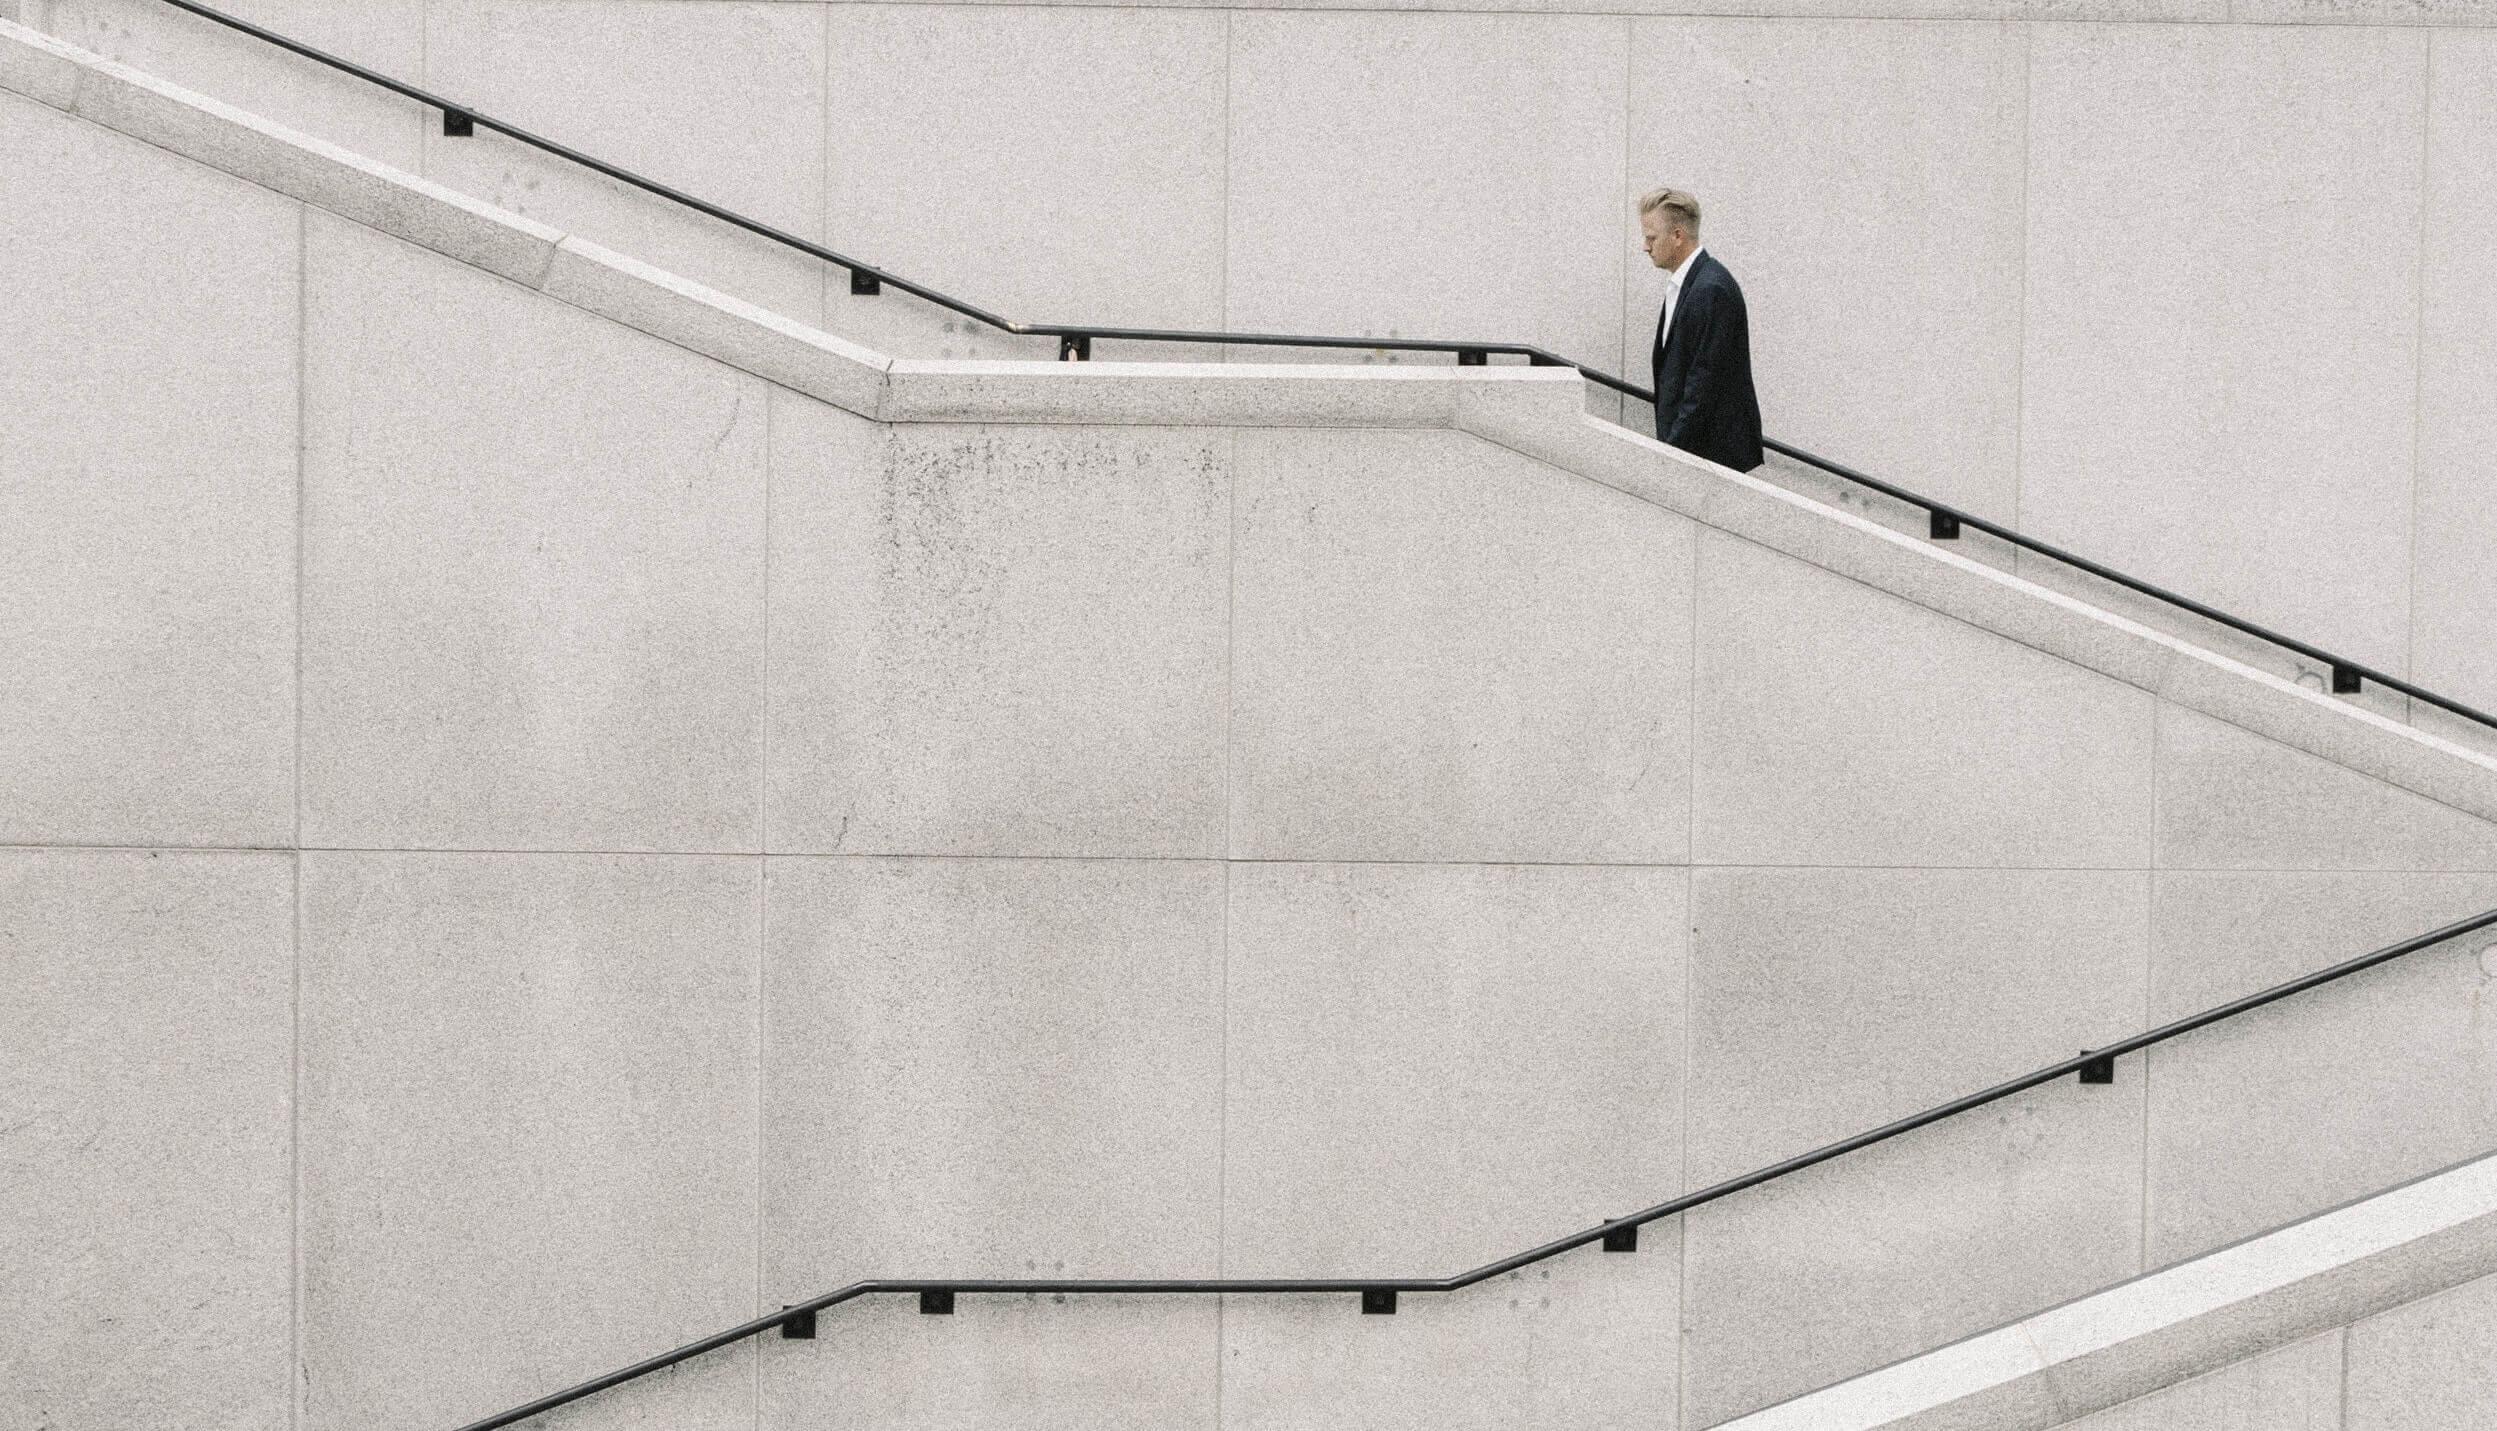 WeltSparen Zinsradar: EZB lässt Zinsen wegen niedriger Inflation und globalen Spannungen unverändert